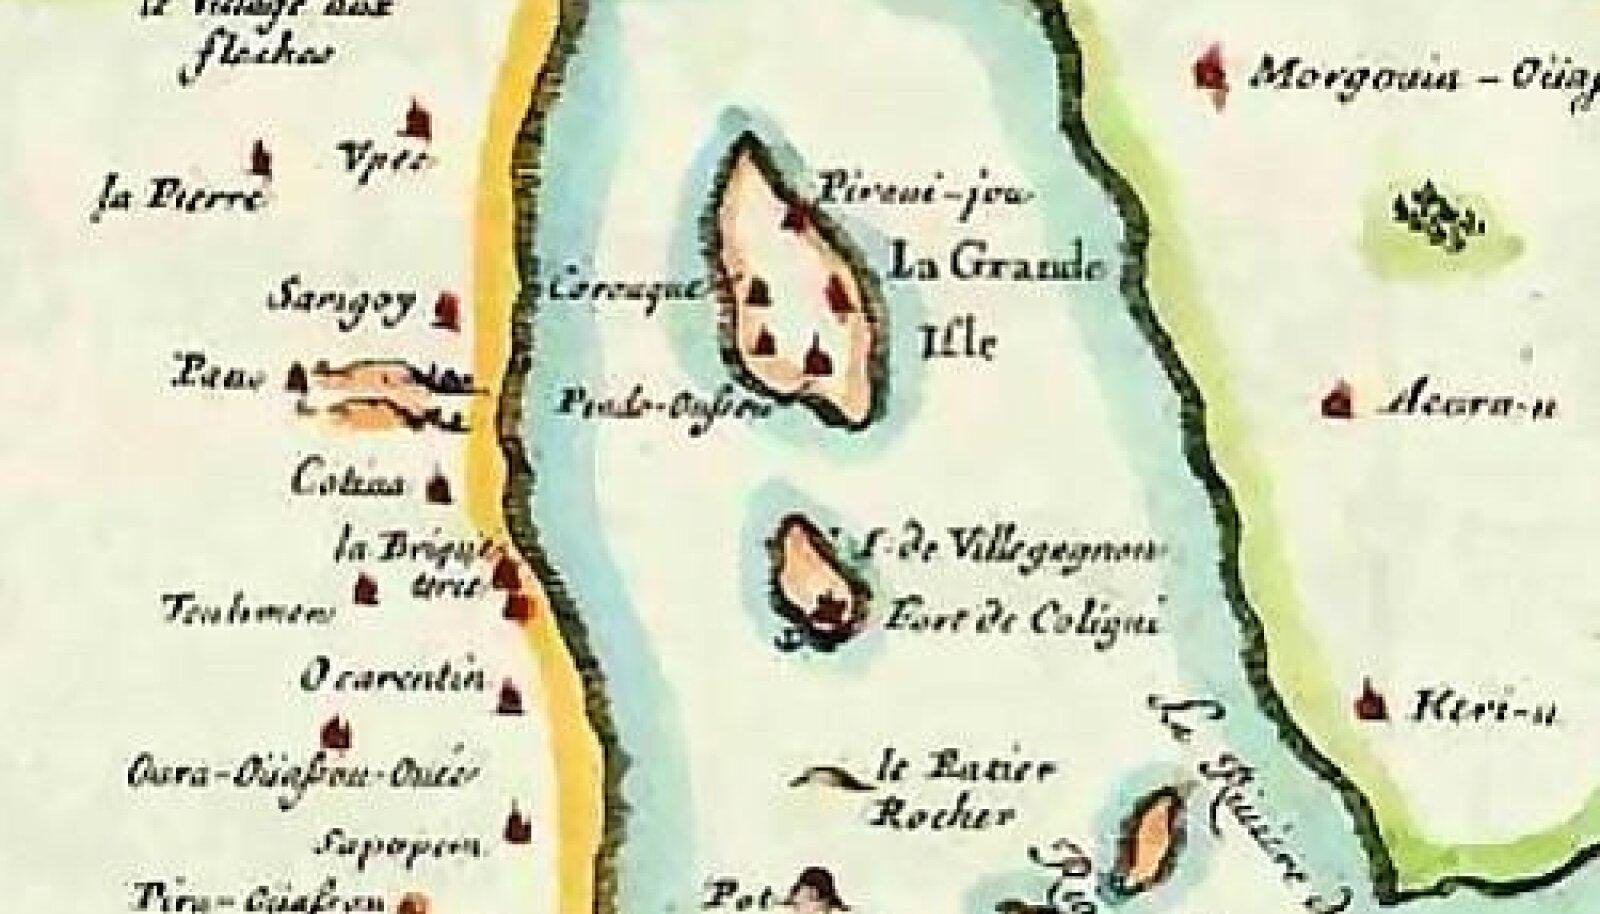 1555. aastal püsti pandud Prantsuse koloonia Rio de Janeiro aladel.